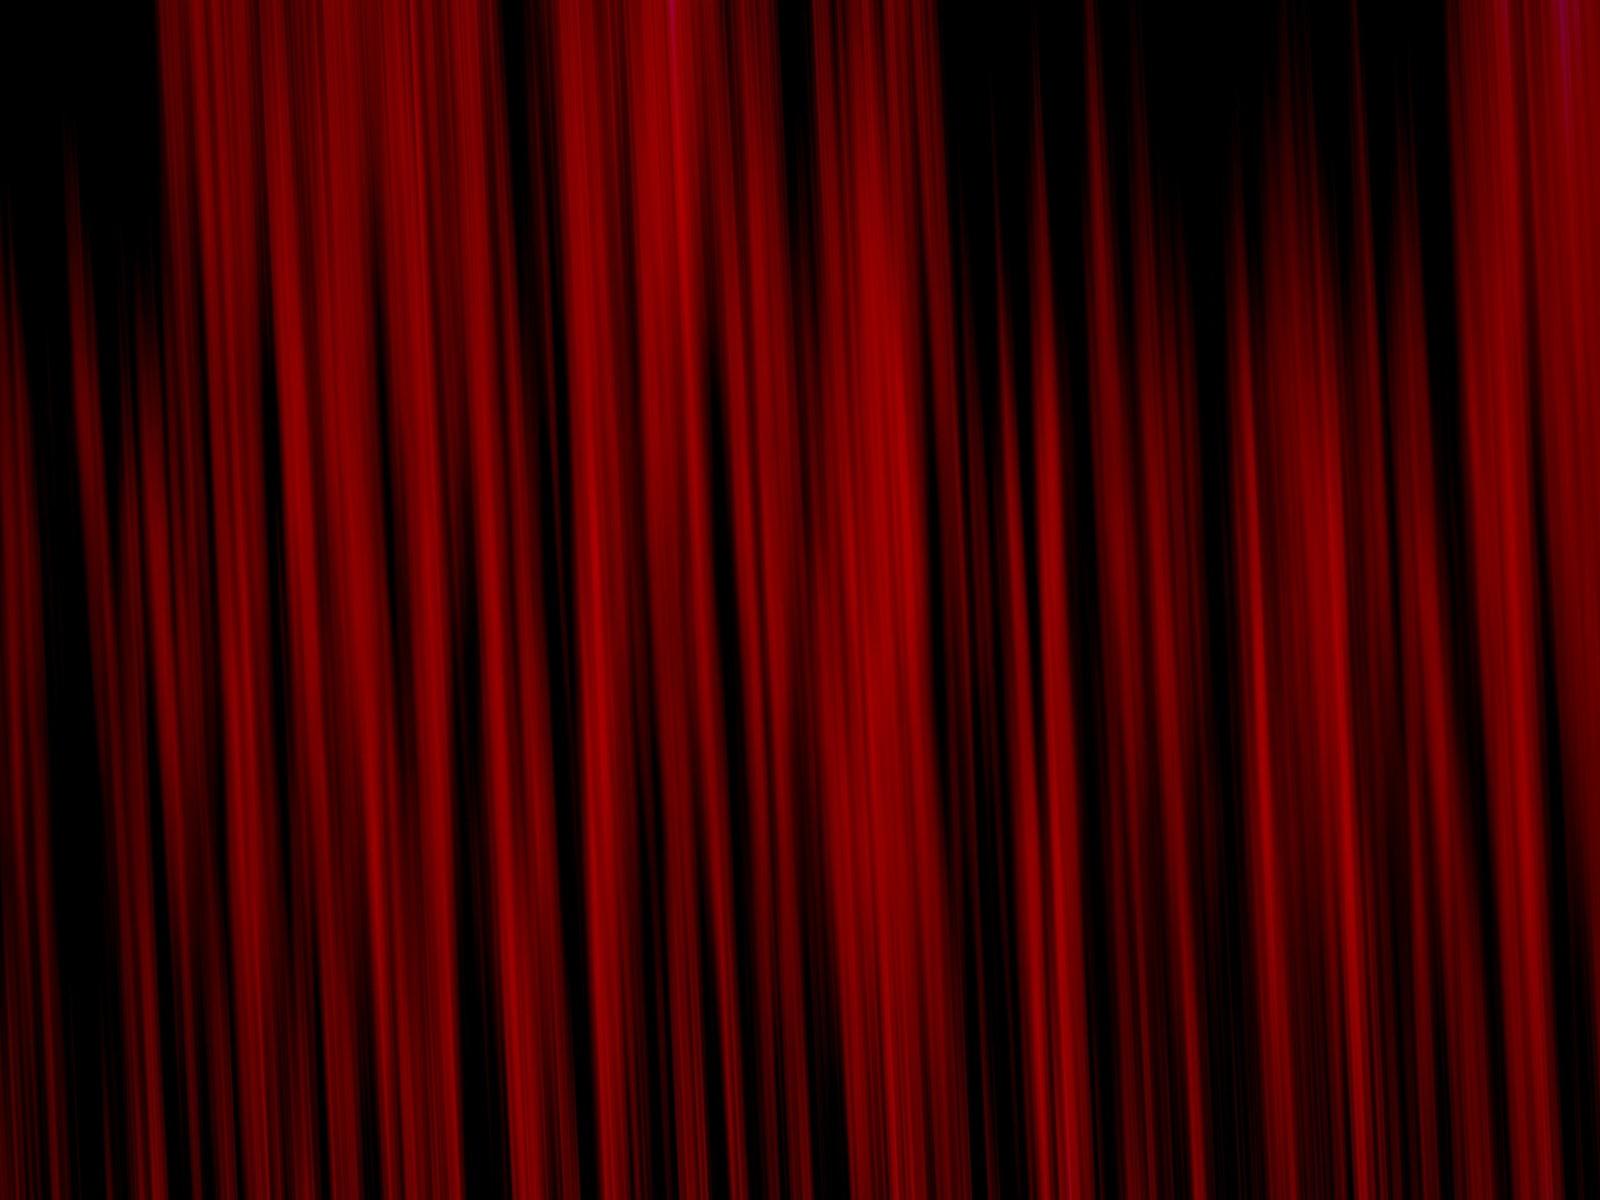 16 Luxury Pubg Wallpaper Iphone 6: 壁紙 赤いストライプの背景、抽象的な 2560x1600 HD 無料の